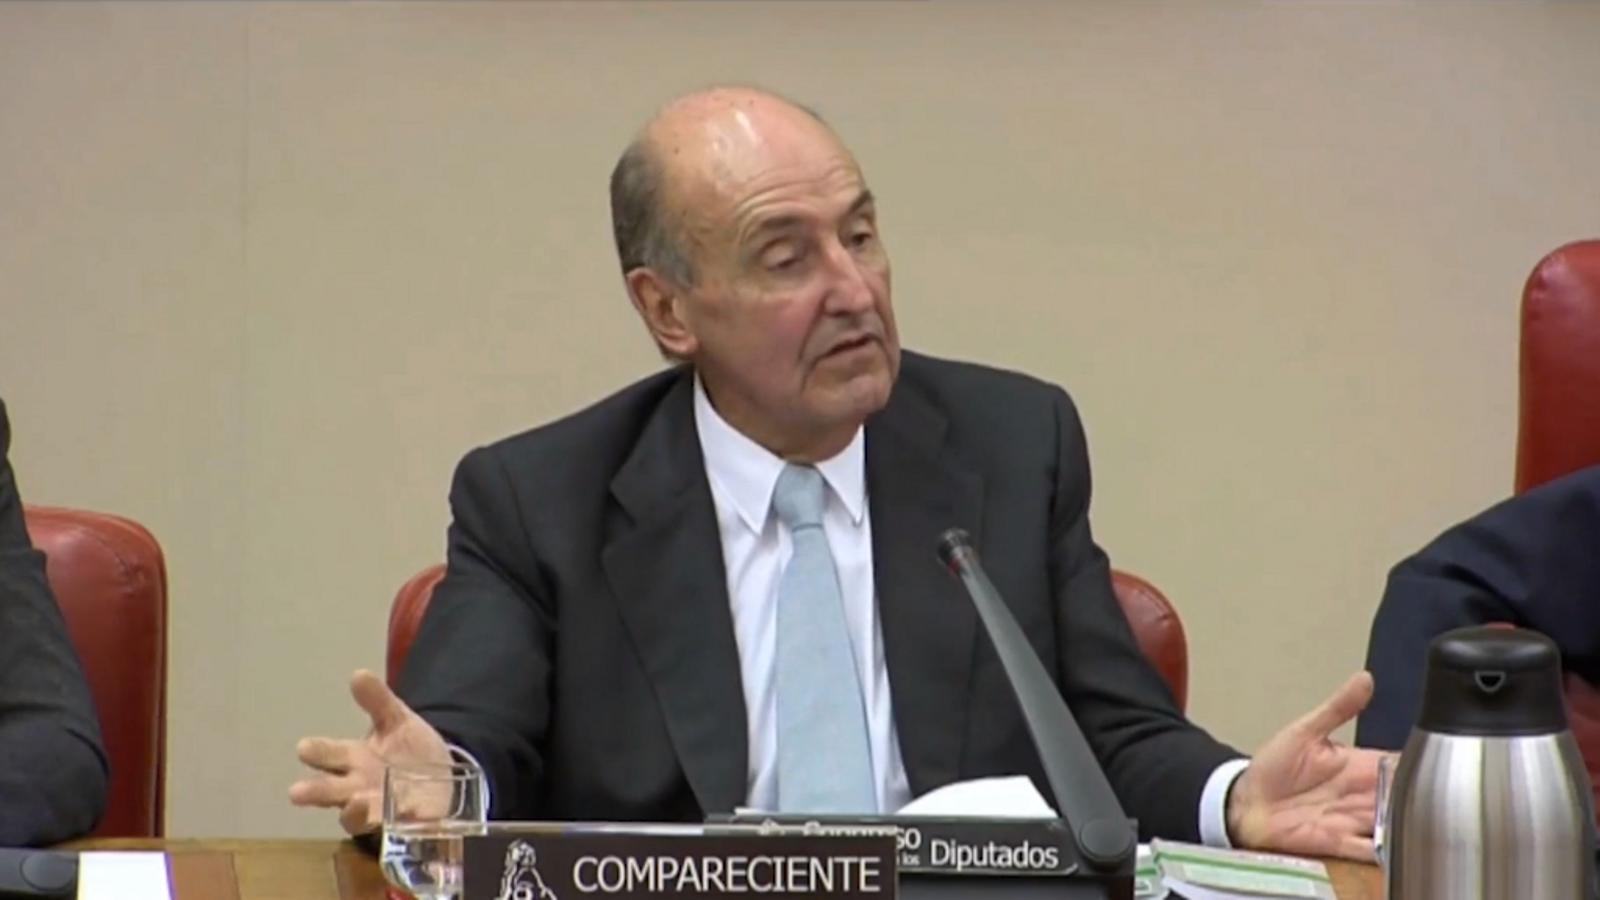 Miquel Roca compara la relació Catalunya- Espanya amb un divorci